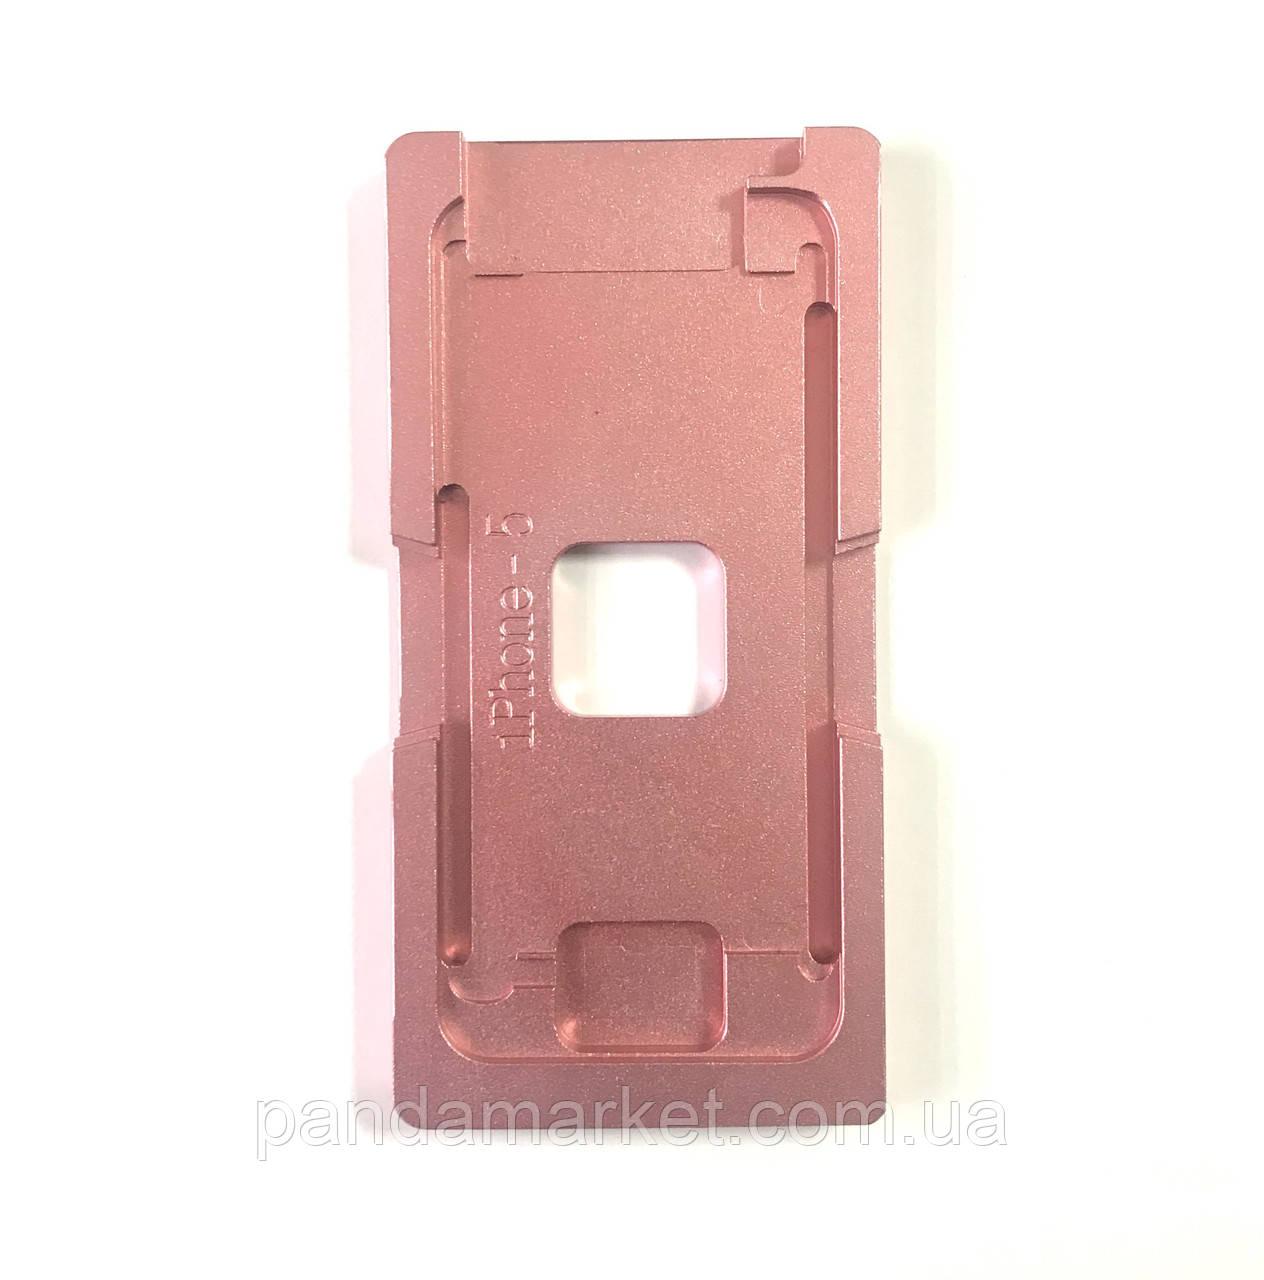 Фиксатор дисплейного модуля при склейке c стеклом + рамкой iPhone 5